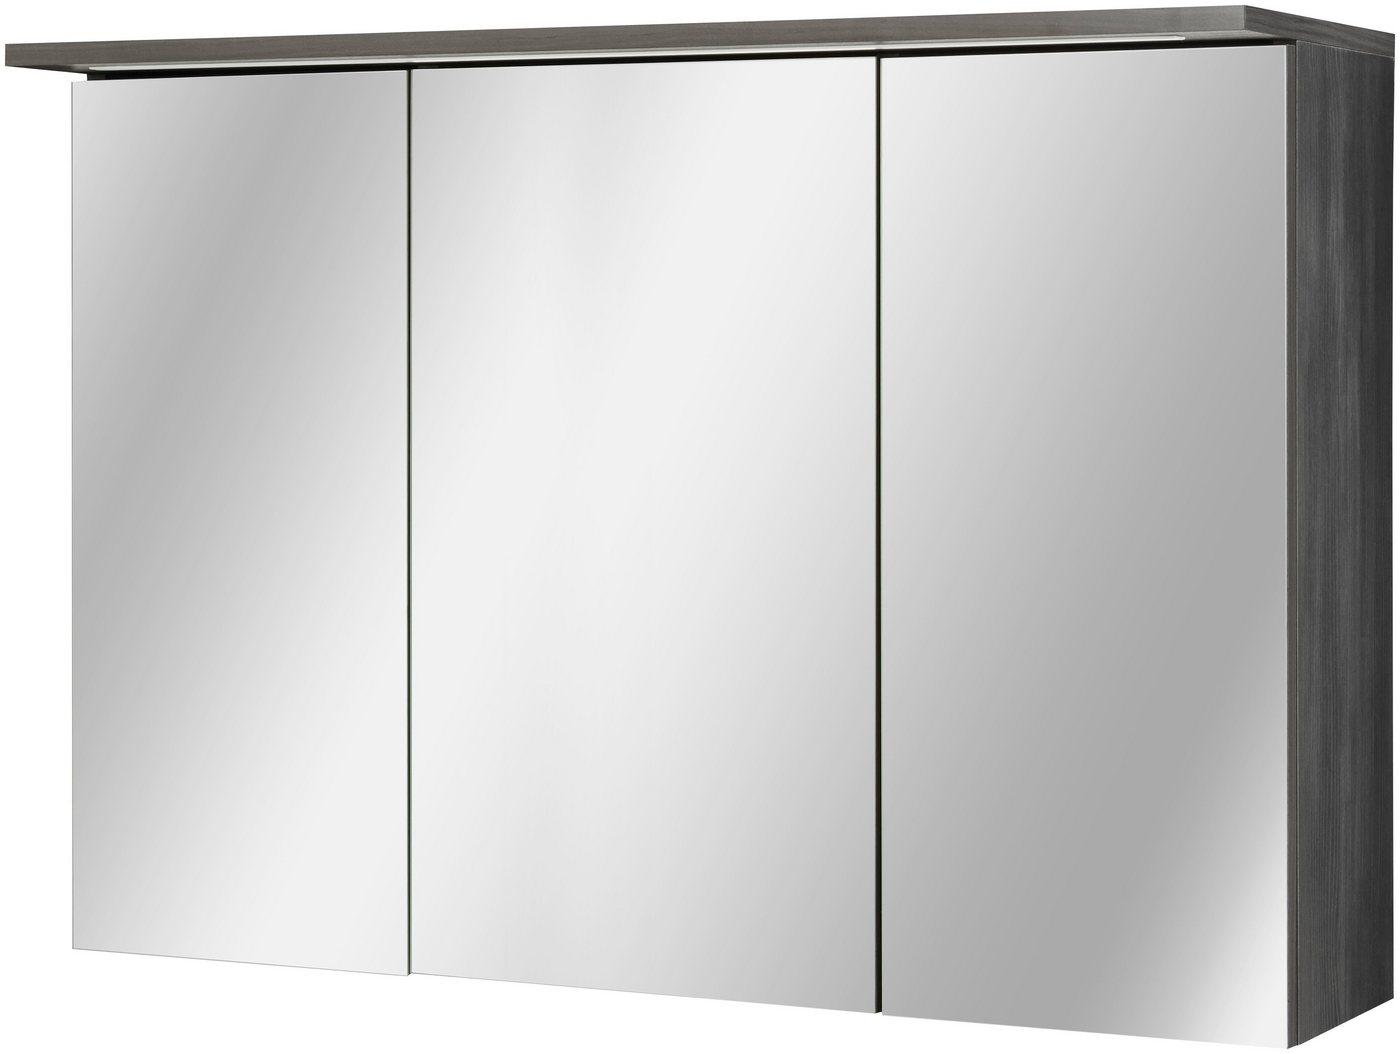 spiegelschr nke 100 cm breit preisvergleiche. Black Bedroom Furniture Sets. Home Design Ideas